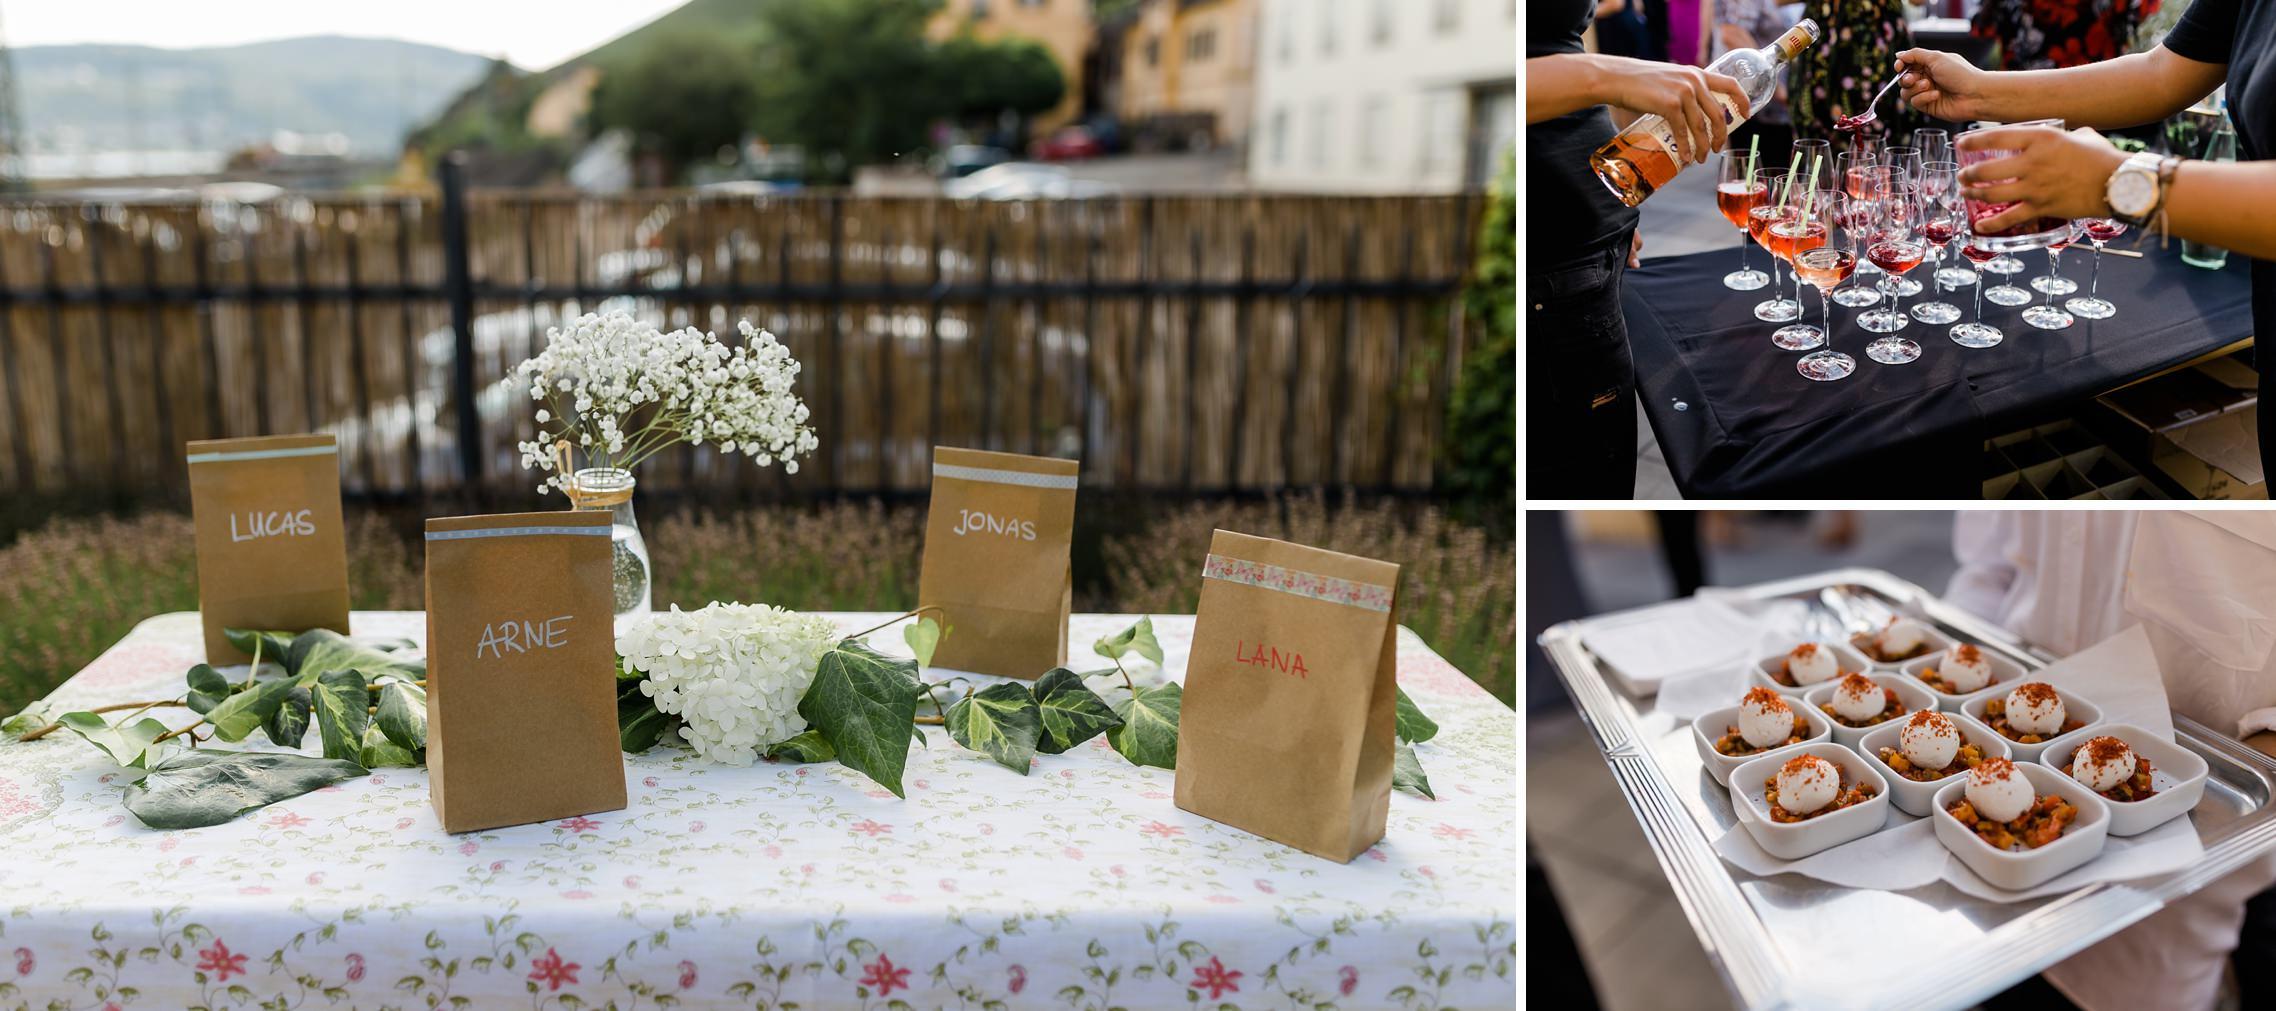 Fingerfood und Geschenketüten für die Kinder auf der Rheingau-Hochzeit im Bahnhof in Rüdesheim.